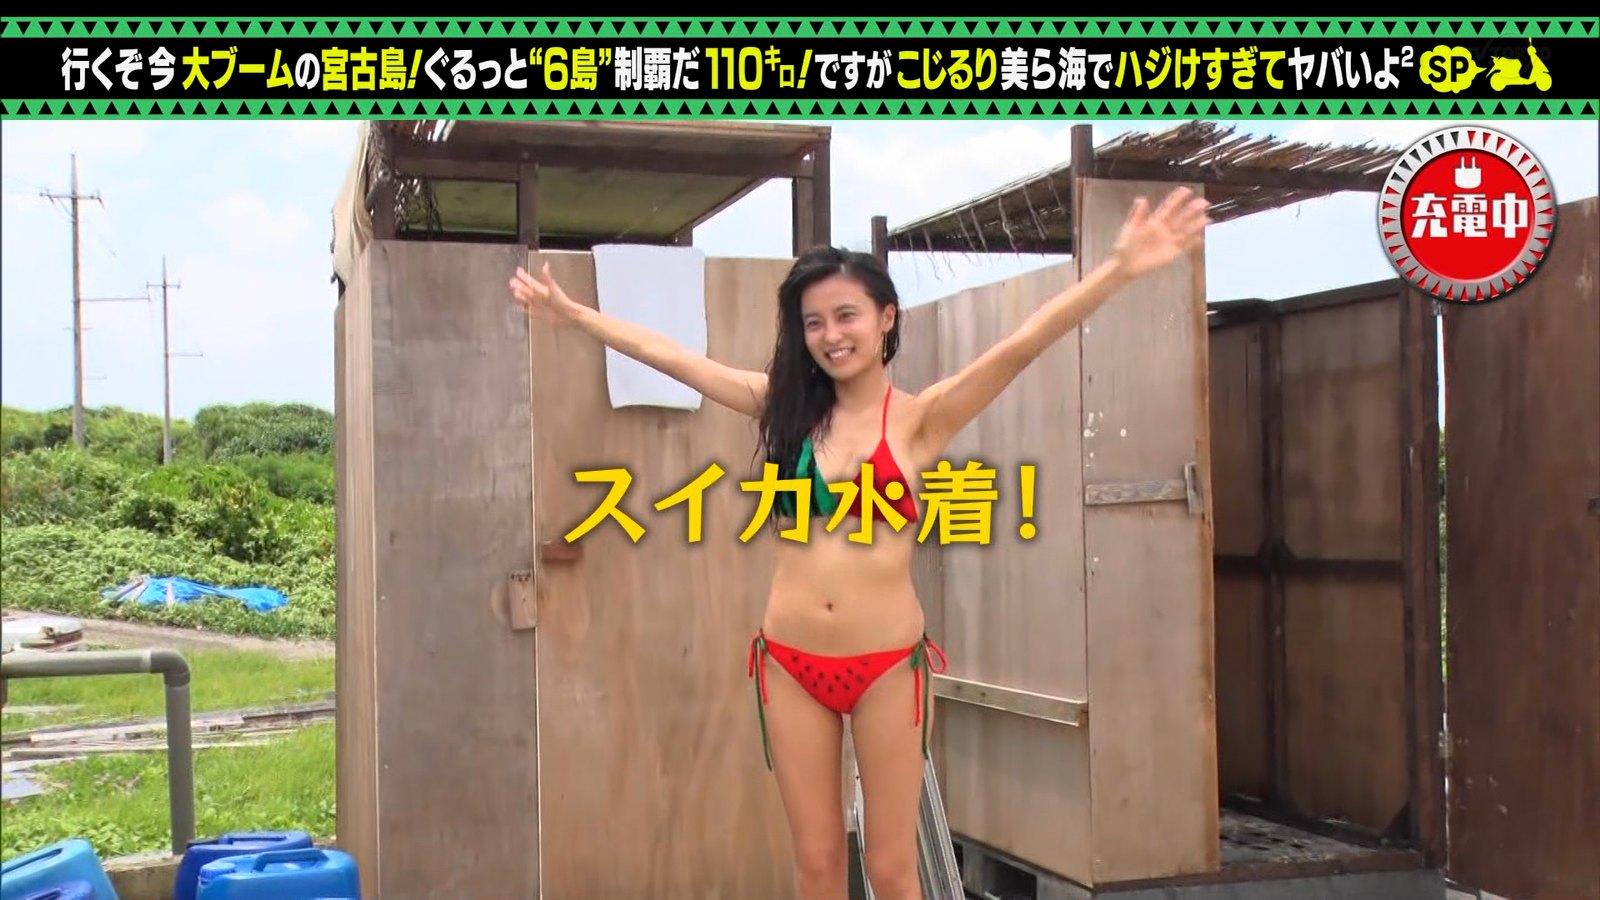 小島瑠璃子_ビキニ水着_お尻_キャプエロ画像_15